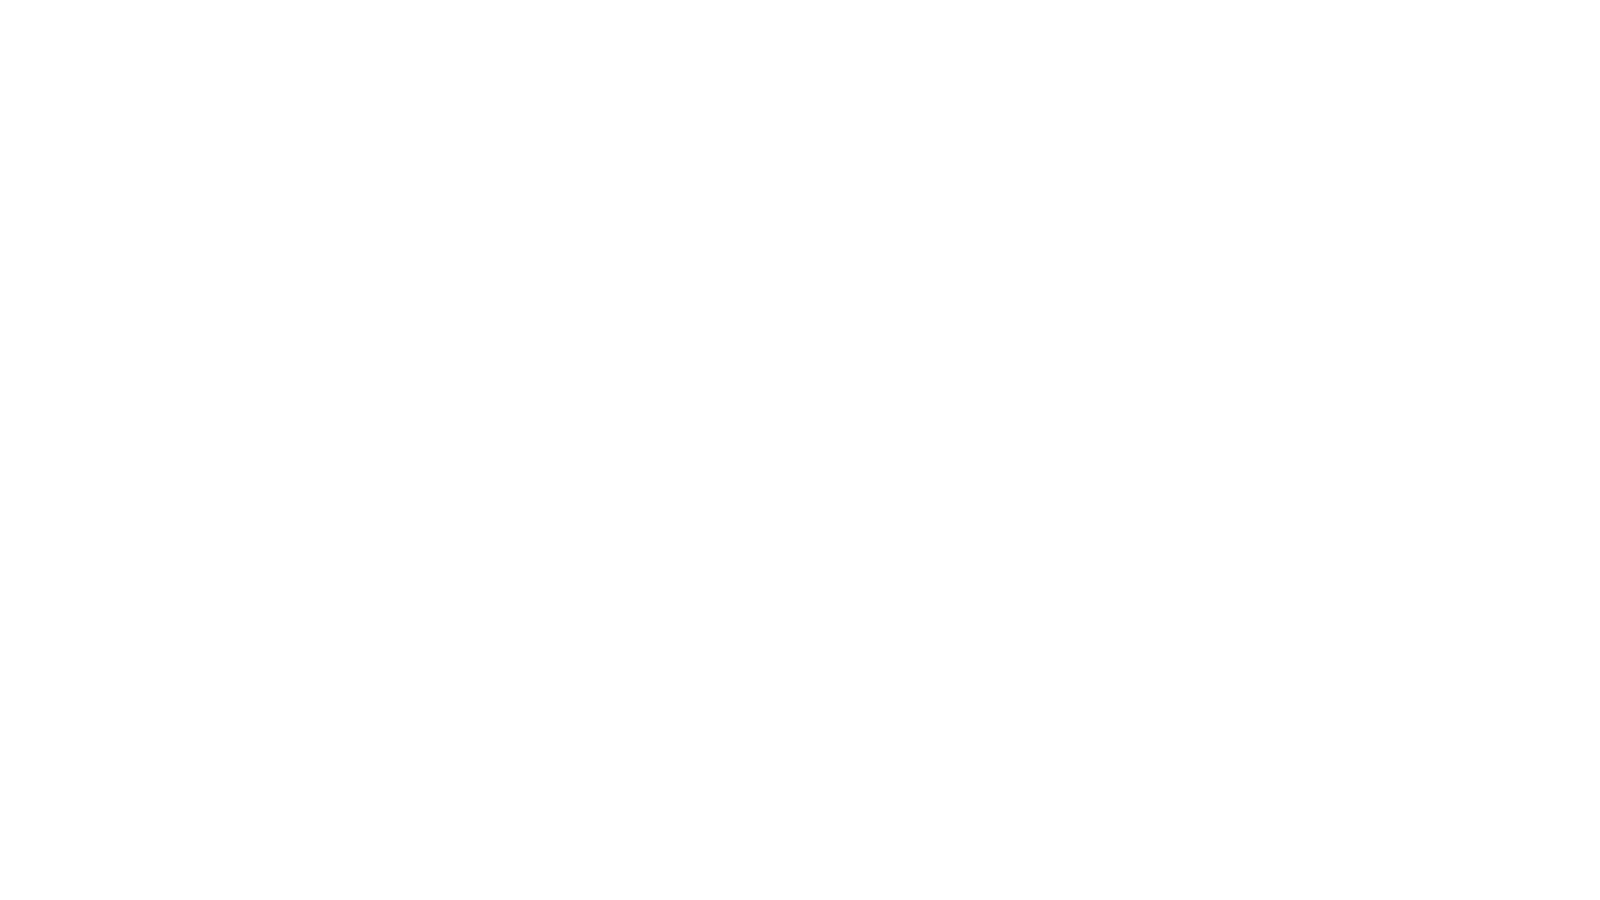 Un nuevo video para recorrer el Tecnológico de Costa Rica. Lugar clave en nuestro voluntariado corporativo 2021.  ¡Nos vamos en julio! Pueden encontrar más información en nuestra página web www.plan21.org o en cualquiera de nuestras redes sociales.   ¿Quién se suma?   #LearningByHelping #TuHuellaTuMundo #Sostenibilidad #MedioAmbiente #VoluntariadoCorporativo  Página web: https://plan21.org/index.php/viajes-con-sentido/